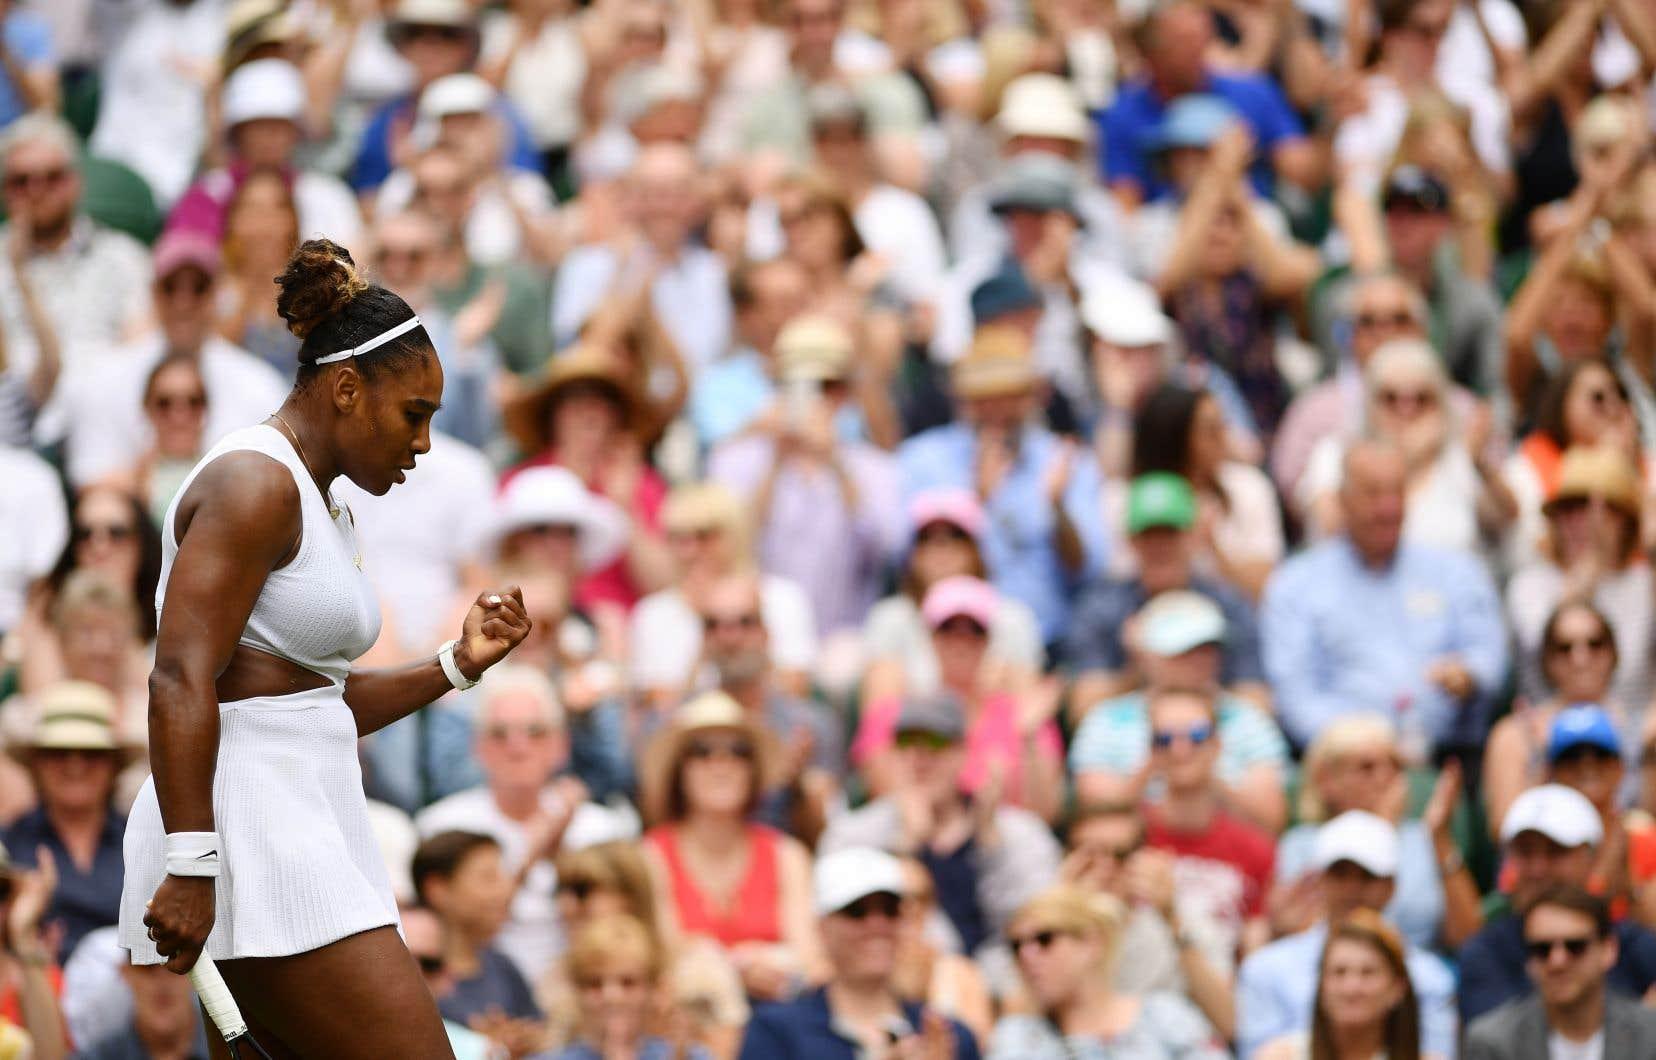 Serena Williams, âgée de 37ans et détentrice de sept titres au All England Club, participera aux demi-finales à Wimbledon pour la 12efois de sa carrière.